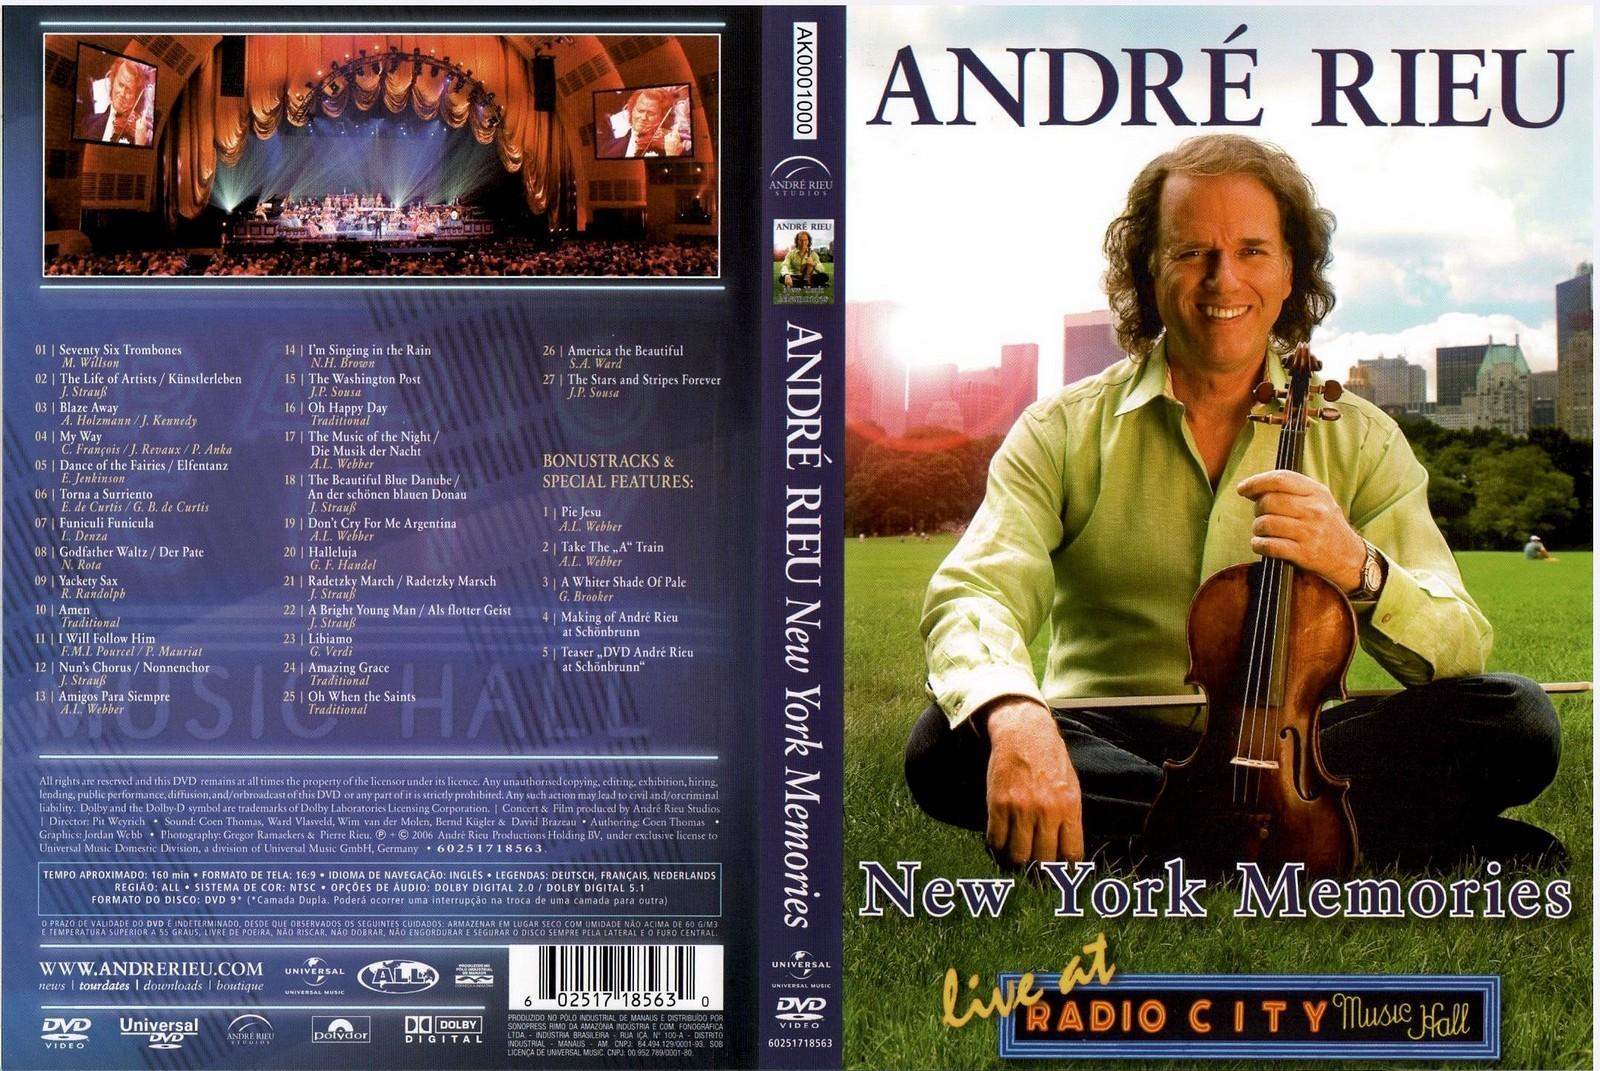 Capas Medina  Somente Capas de DVD Andr Rieu  New York Memories